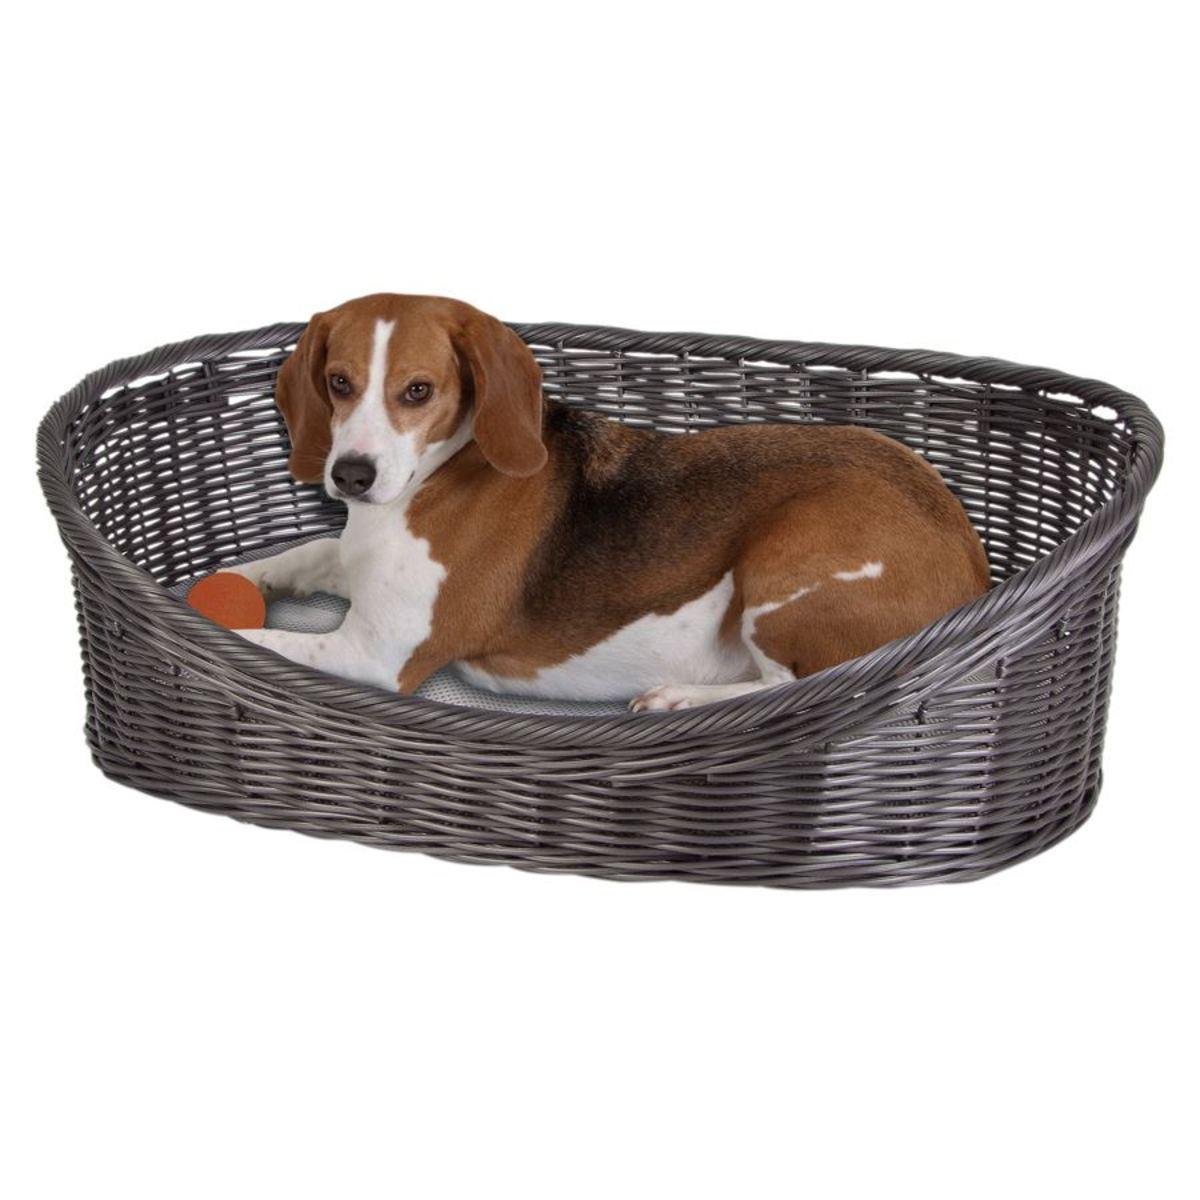 Bild 1 von Hundekörbchen mit Kissen Rattanoptik Gr. XL 63,5x21,5x47,5cm